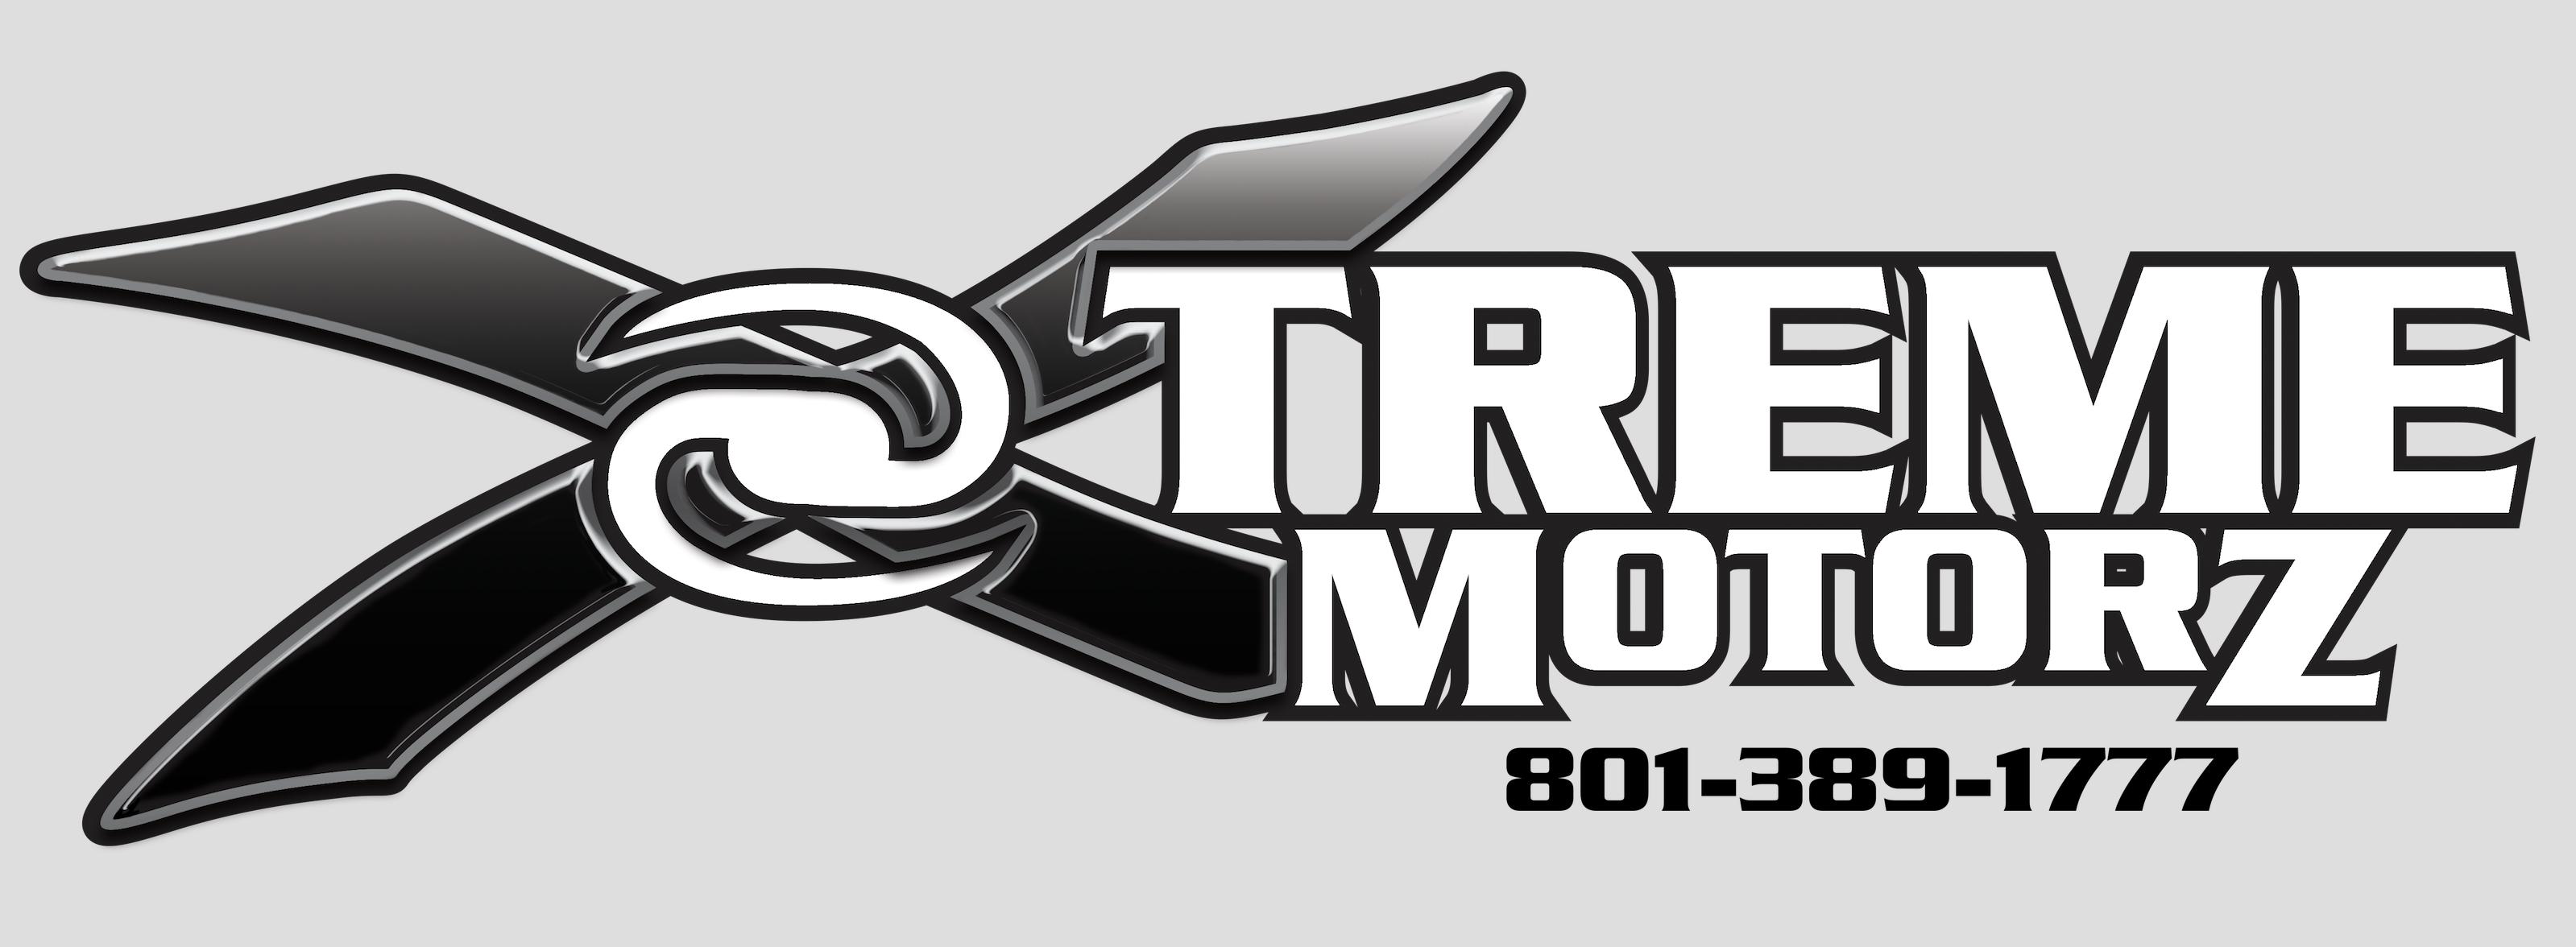 Xtreme Motorz